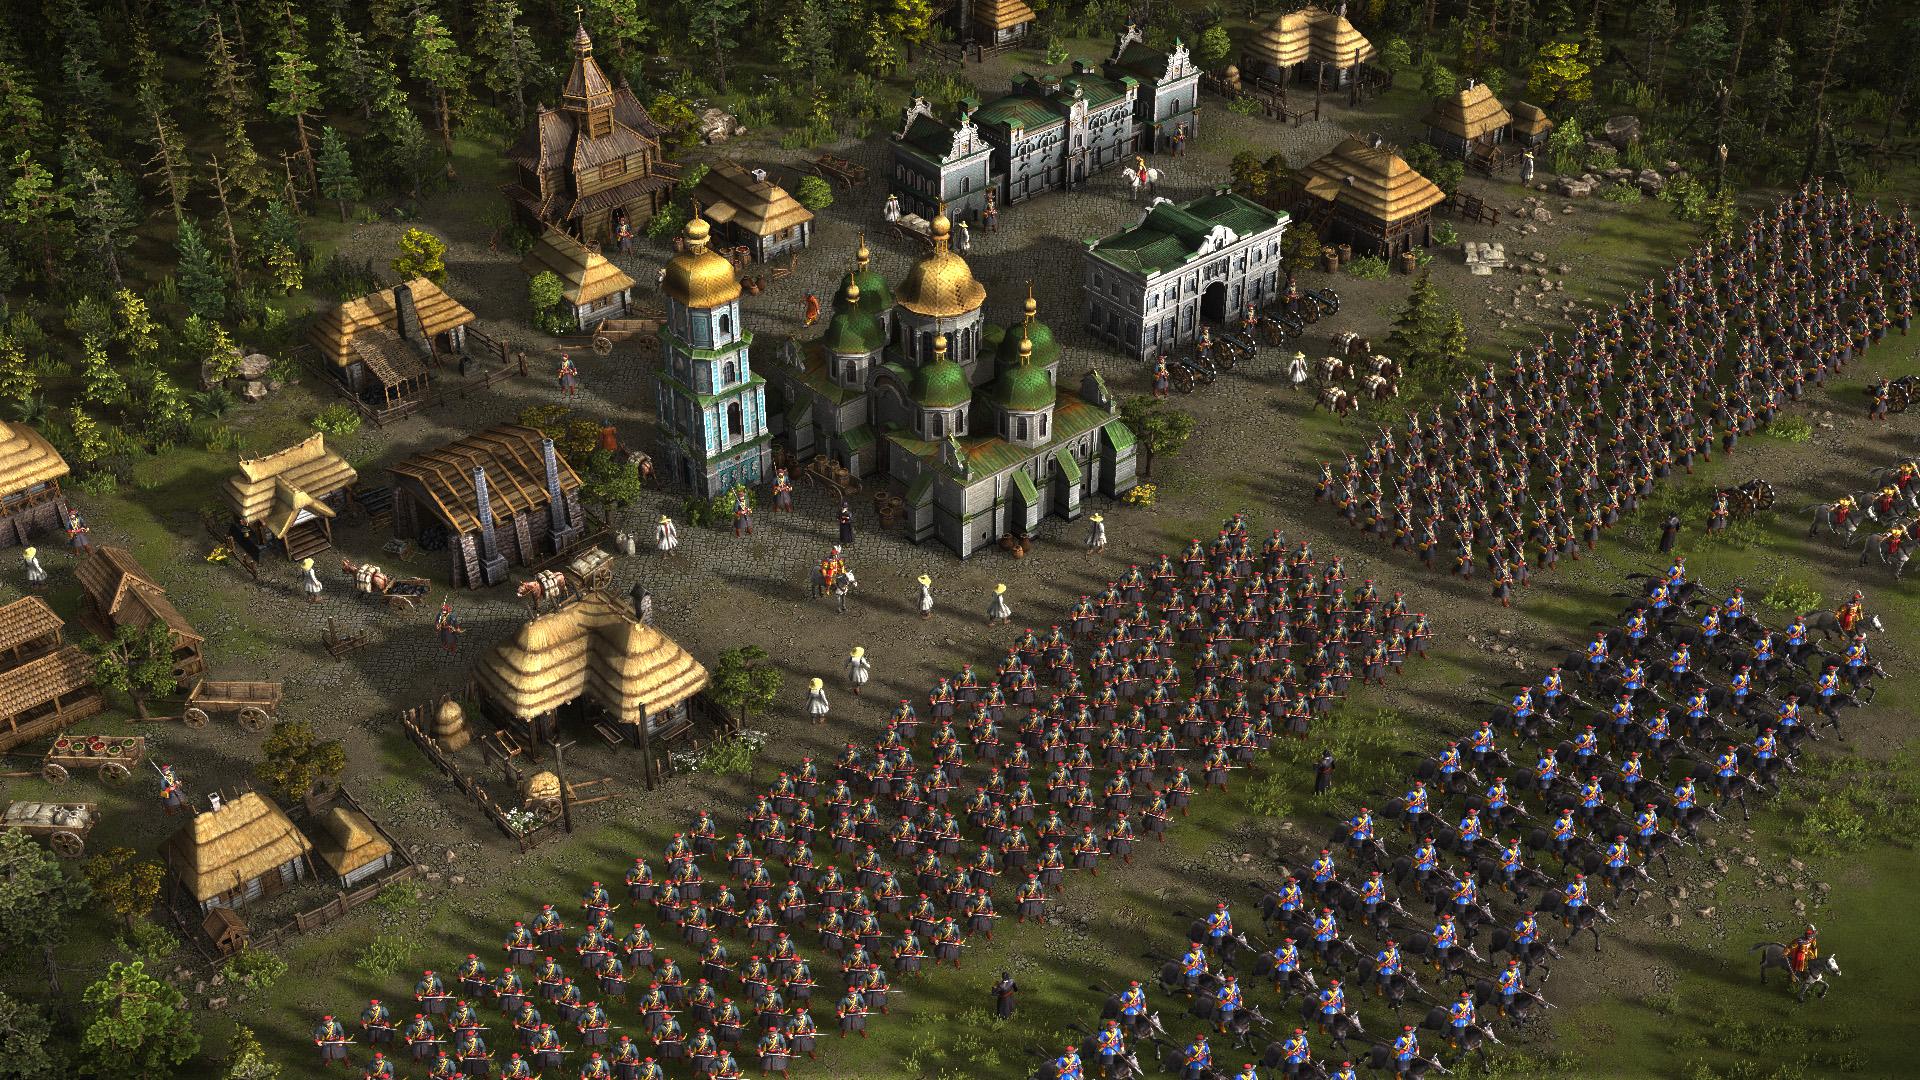 Скриншот Казаки 3 / Cossacks 3 [v 1.8.7.81.5664 + 7 DLC] (2016) PC | RePack от R.G. Механики